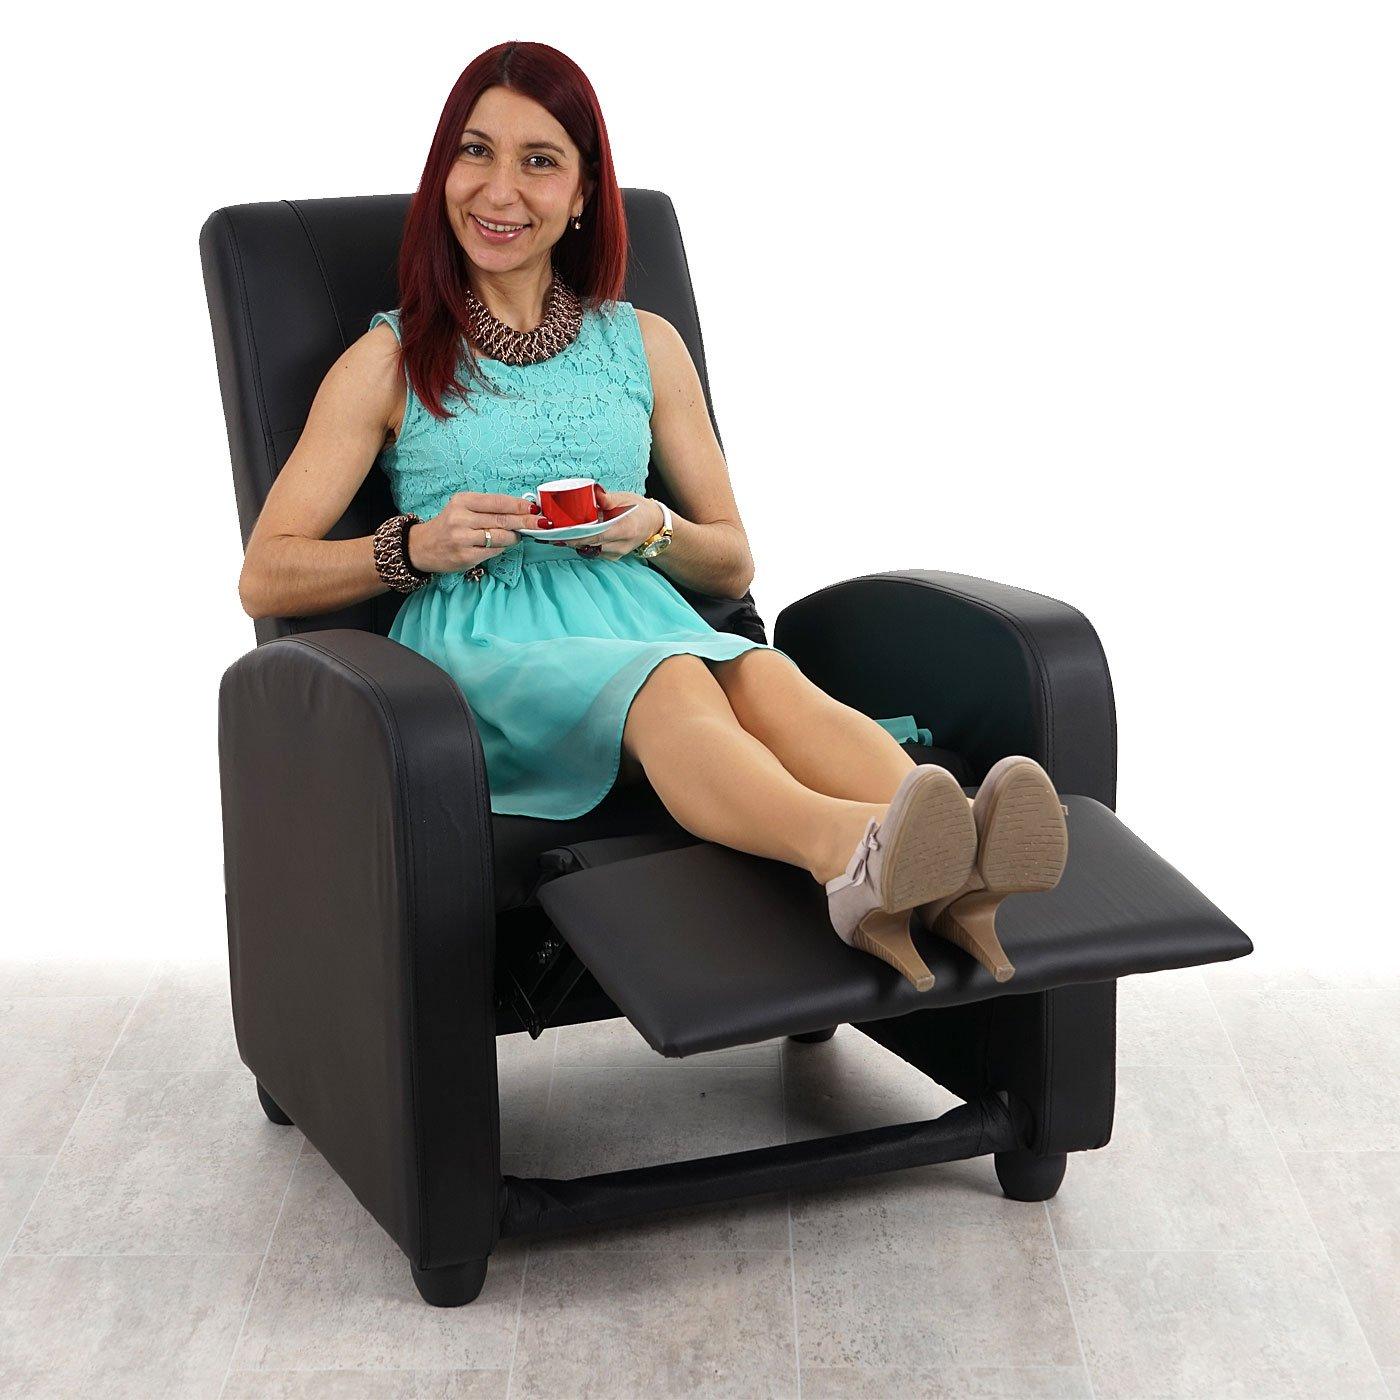 Mendler Fernsehsessel Denver Basic, Relaxsessel Relaxliege Sessel, Kunstleder Kunstleder Kunstleder  schwarz ed7fdf